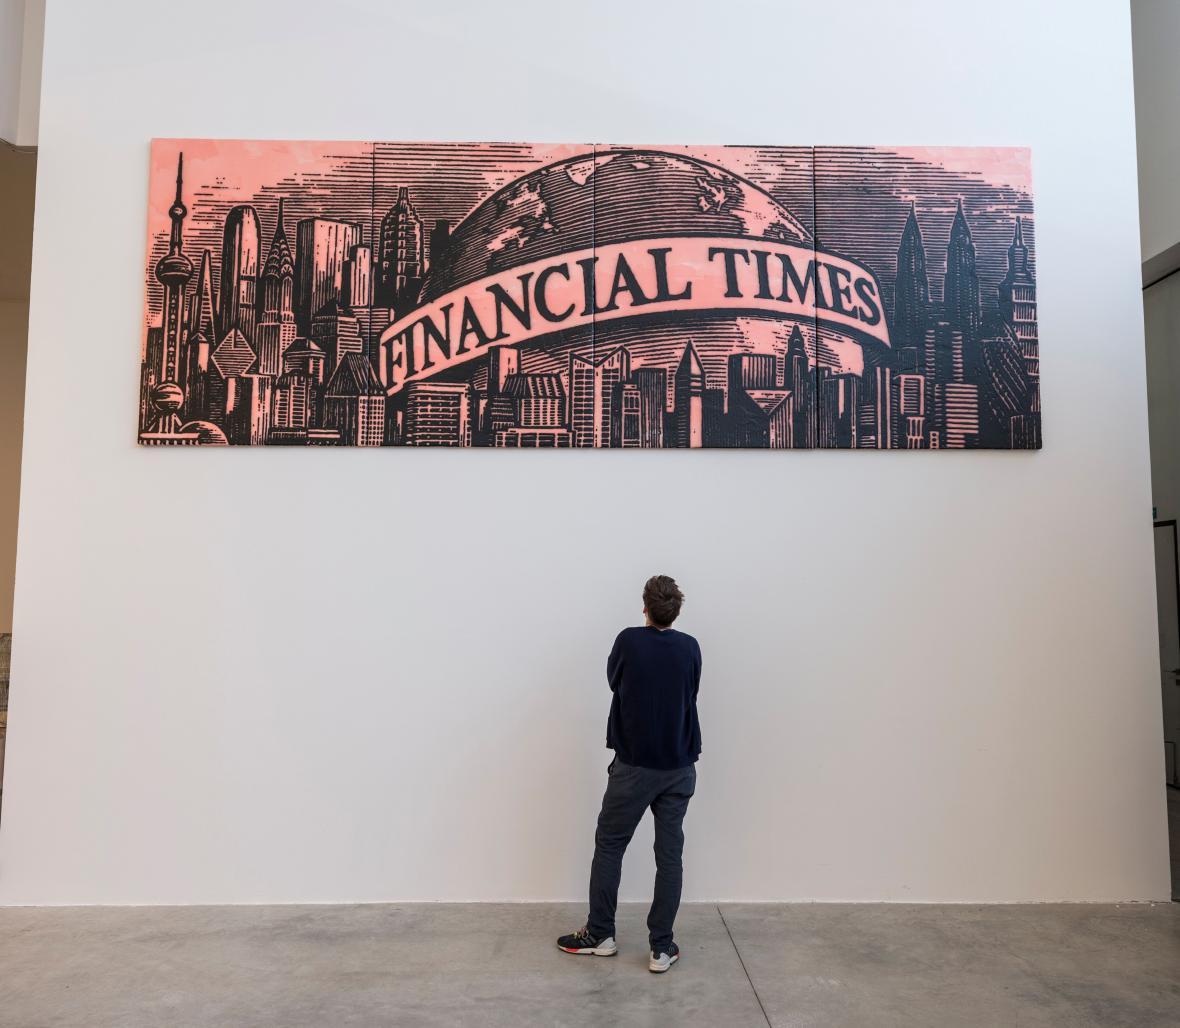 José María Cano / Financial Times, 2013